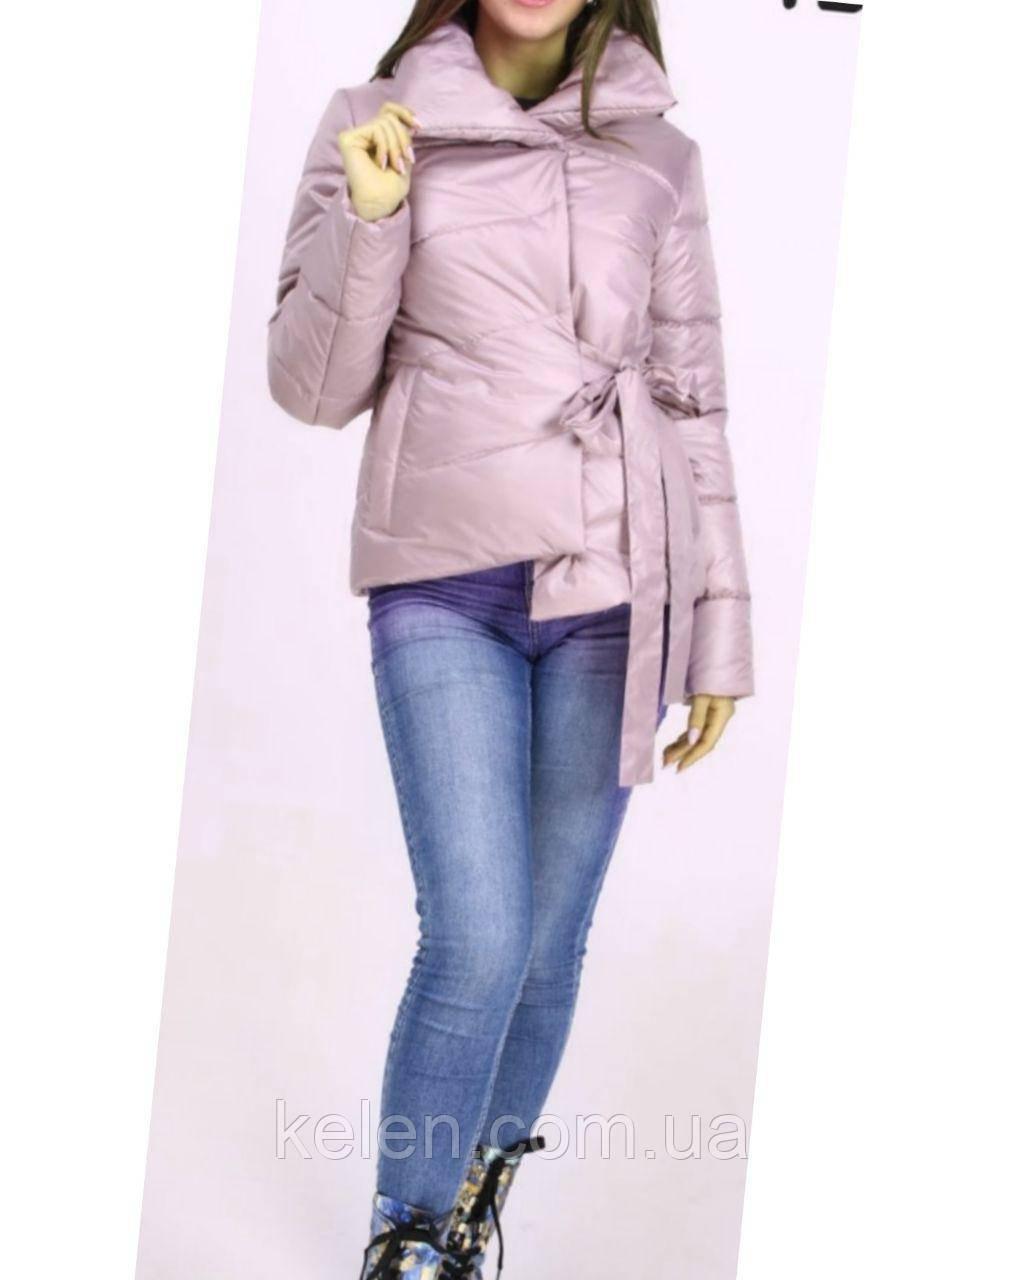 Женская стильная куртка весна-осень бежевого цвета размеры 46,48,50